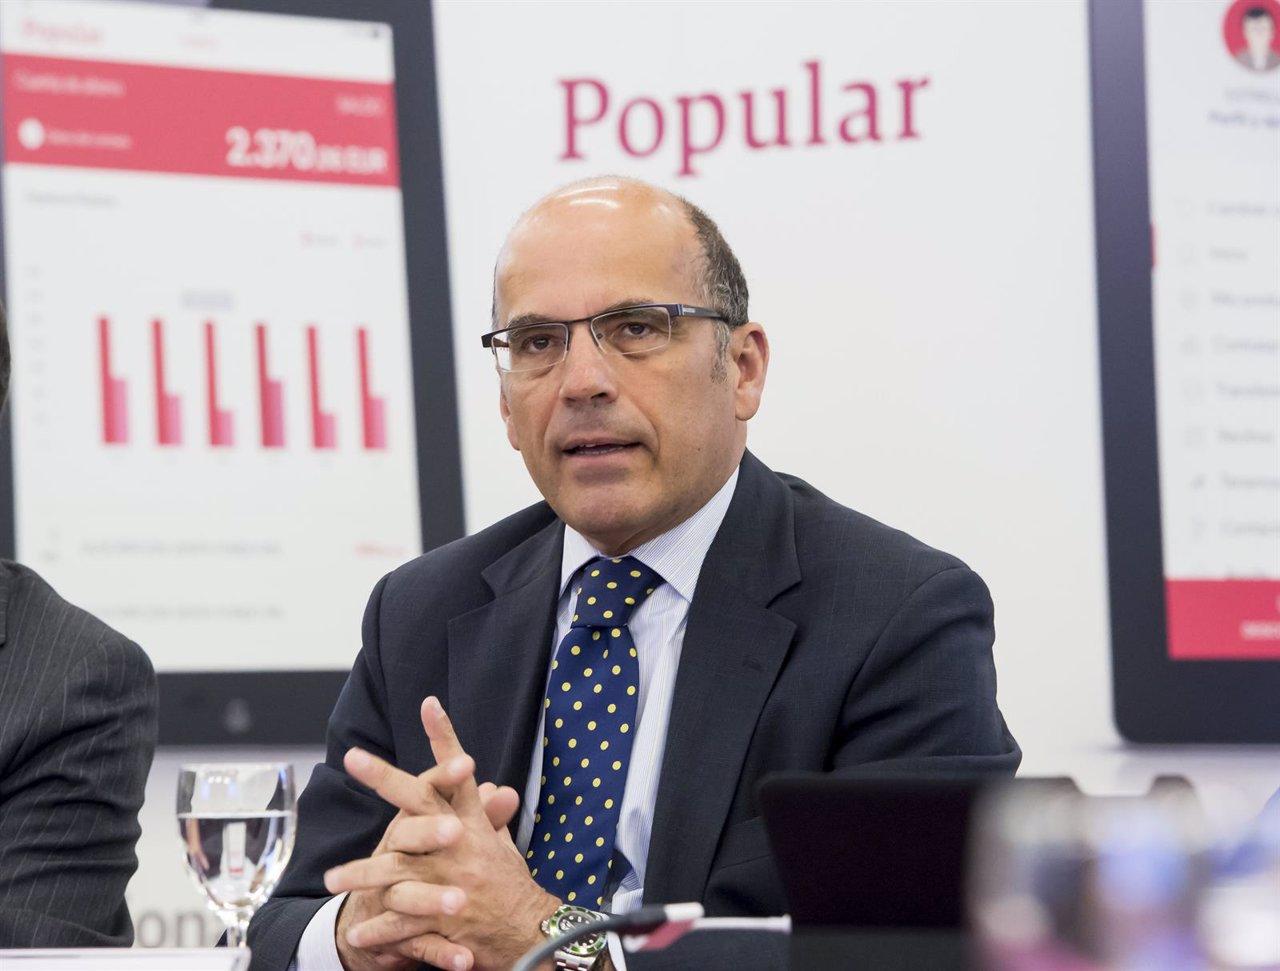 El director general de Recursos Técnicos de Popular, Fernando Rodríguez